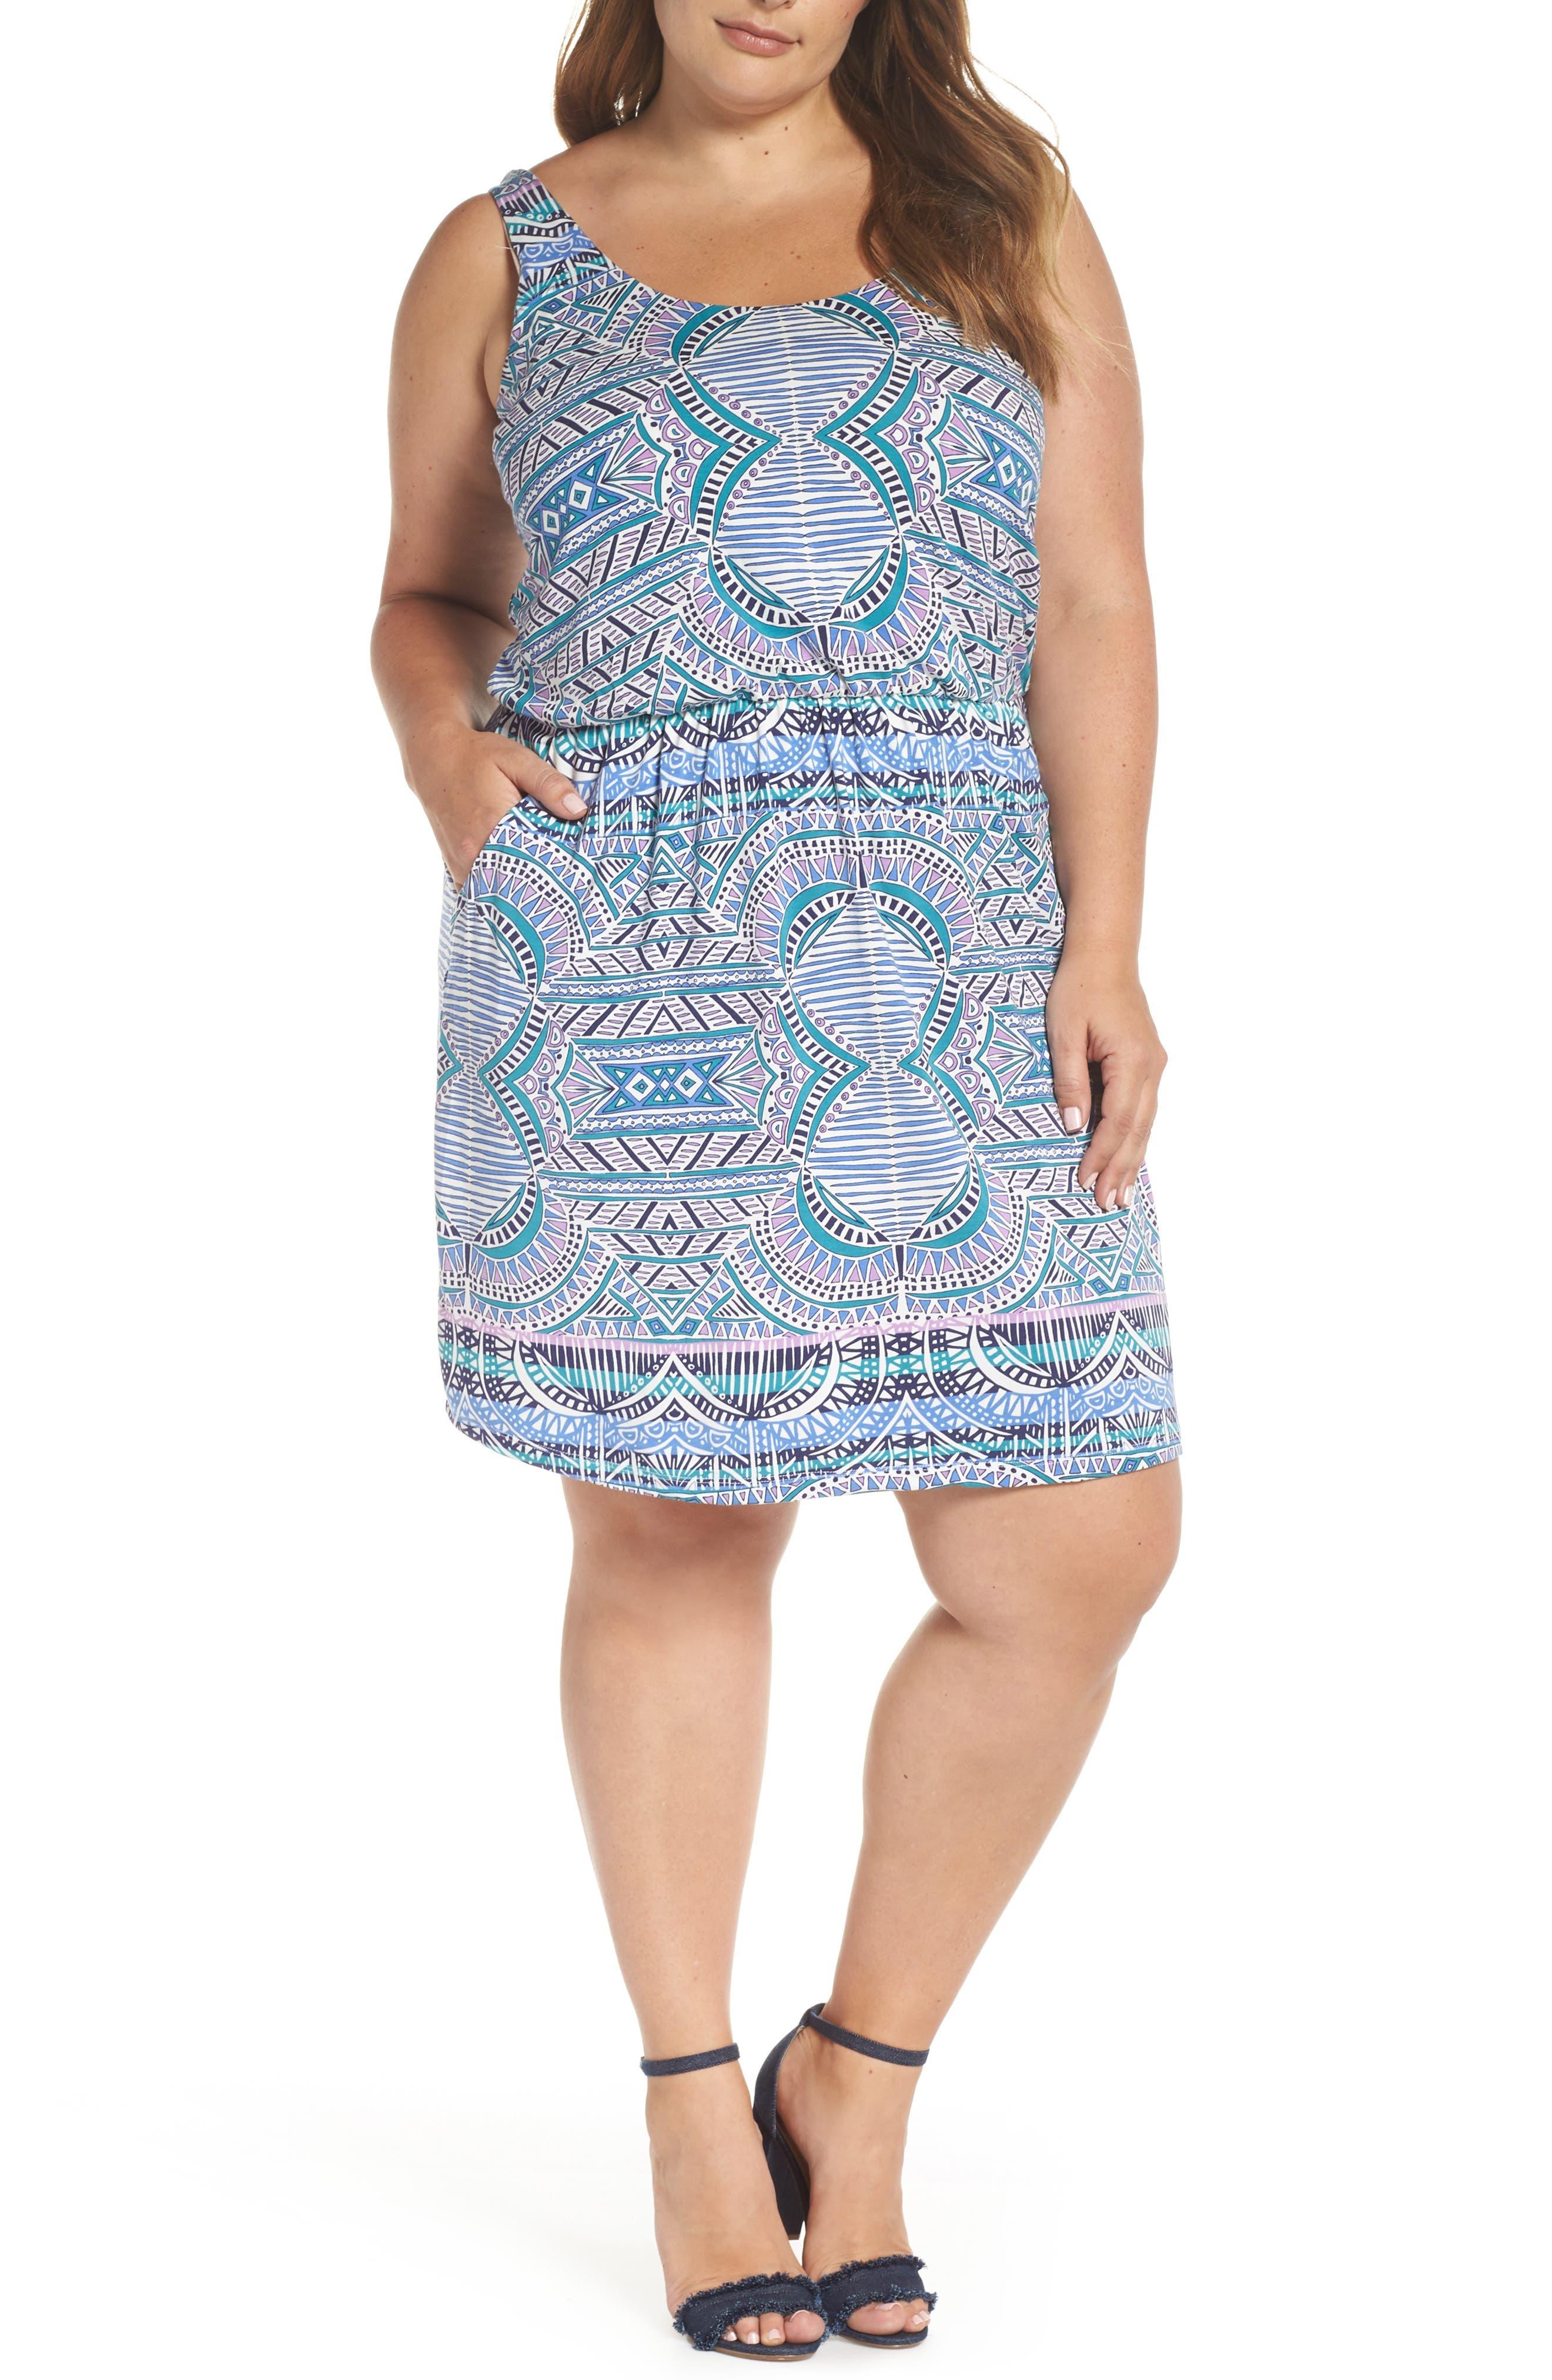 TART Felicity Minidress in Sunset Tiles